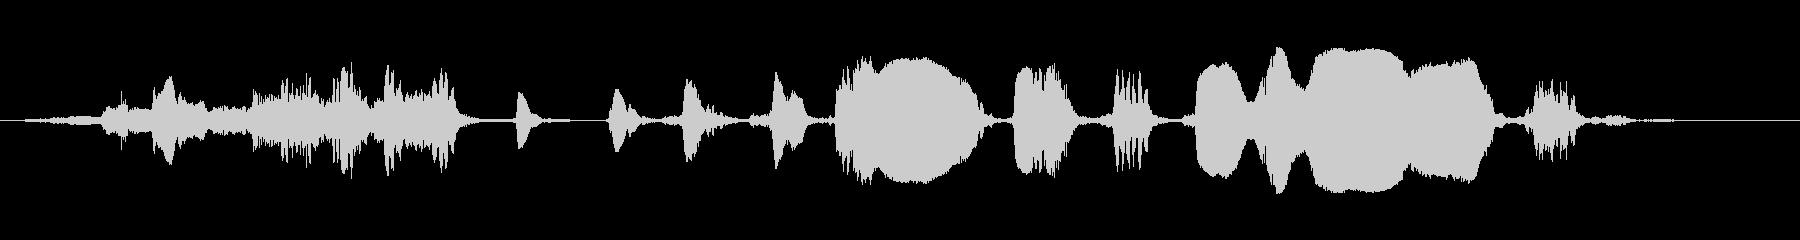 ロバブレイの未再生の波形